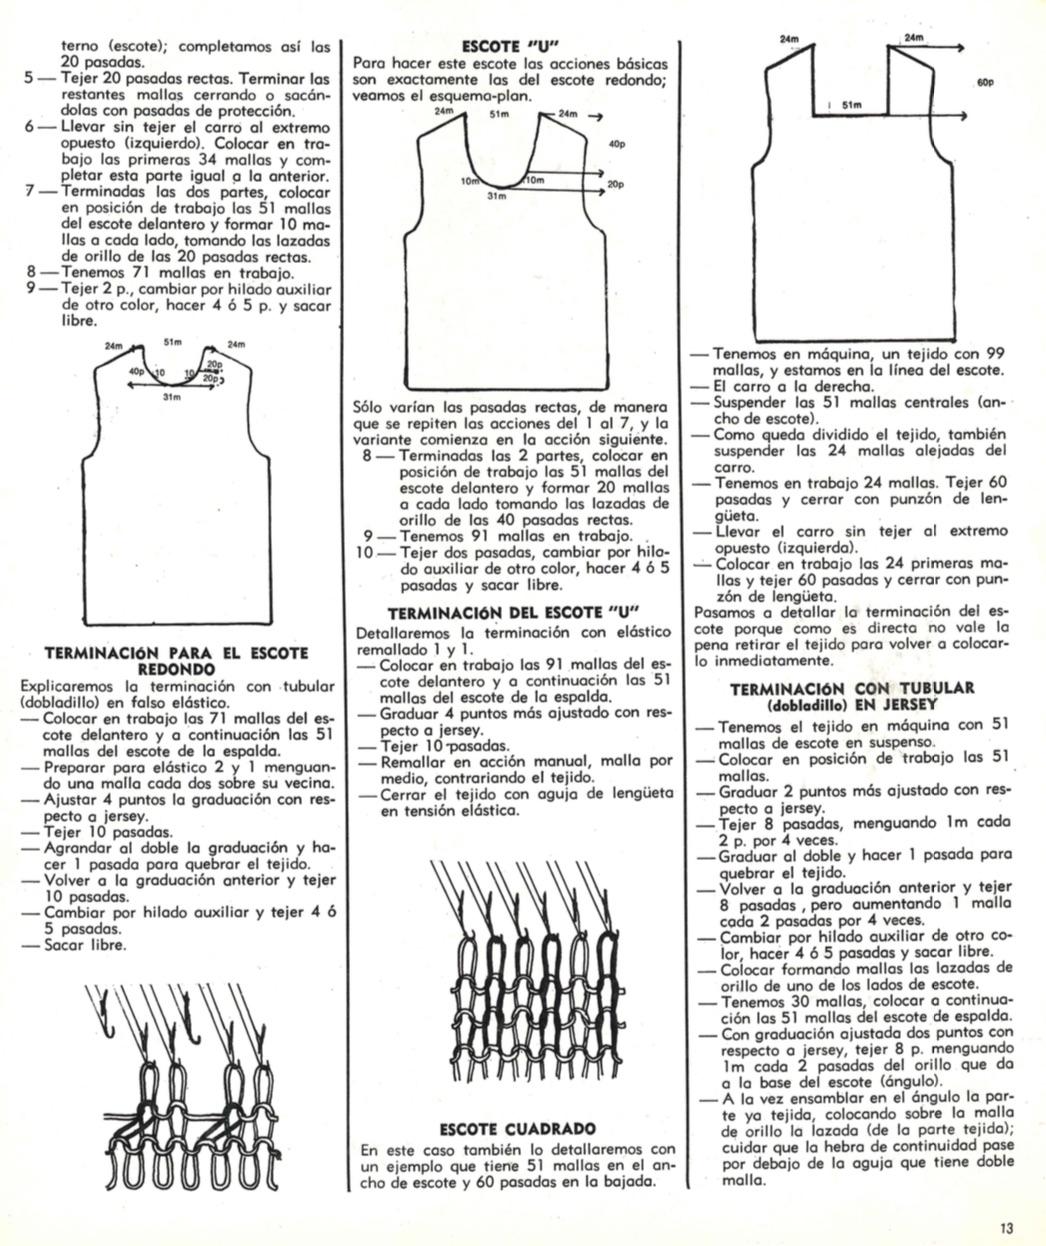 El arte de tejer a maquina 2